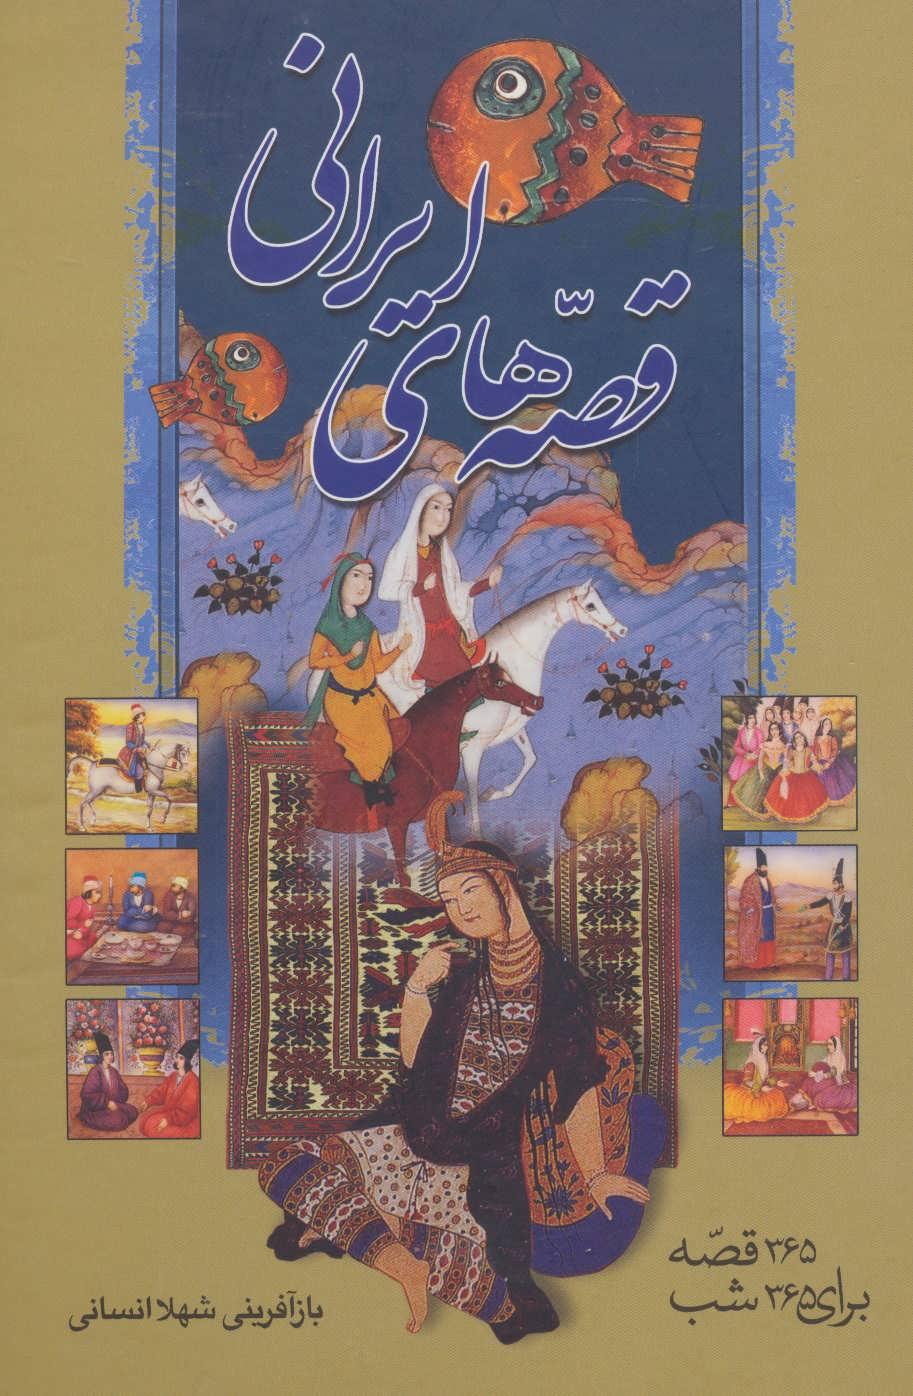 قصه های ایرانی (365 قصه برای 365 شب)